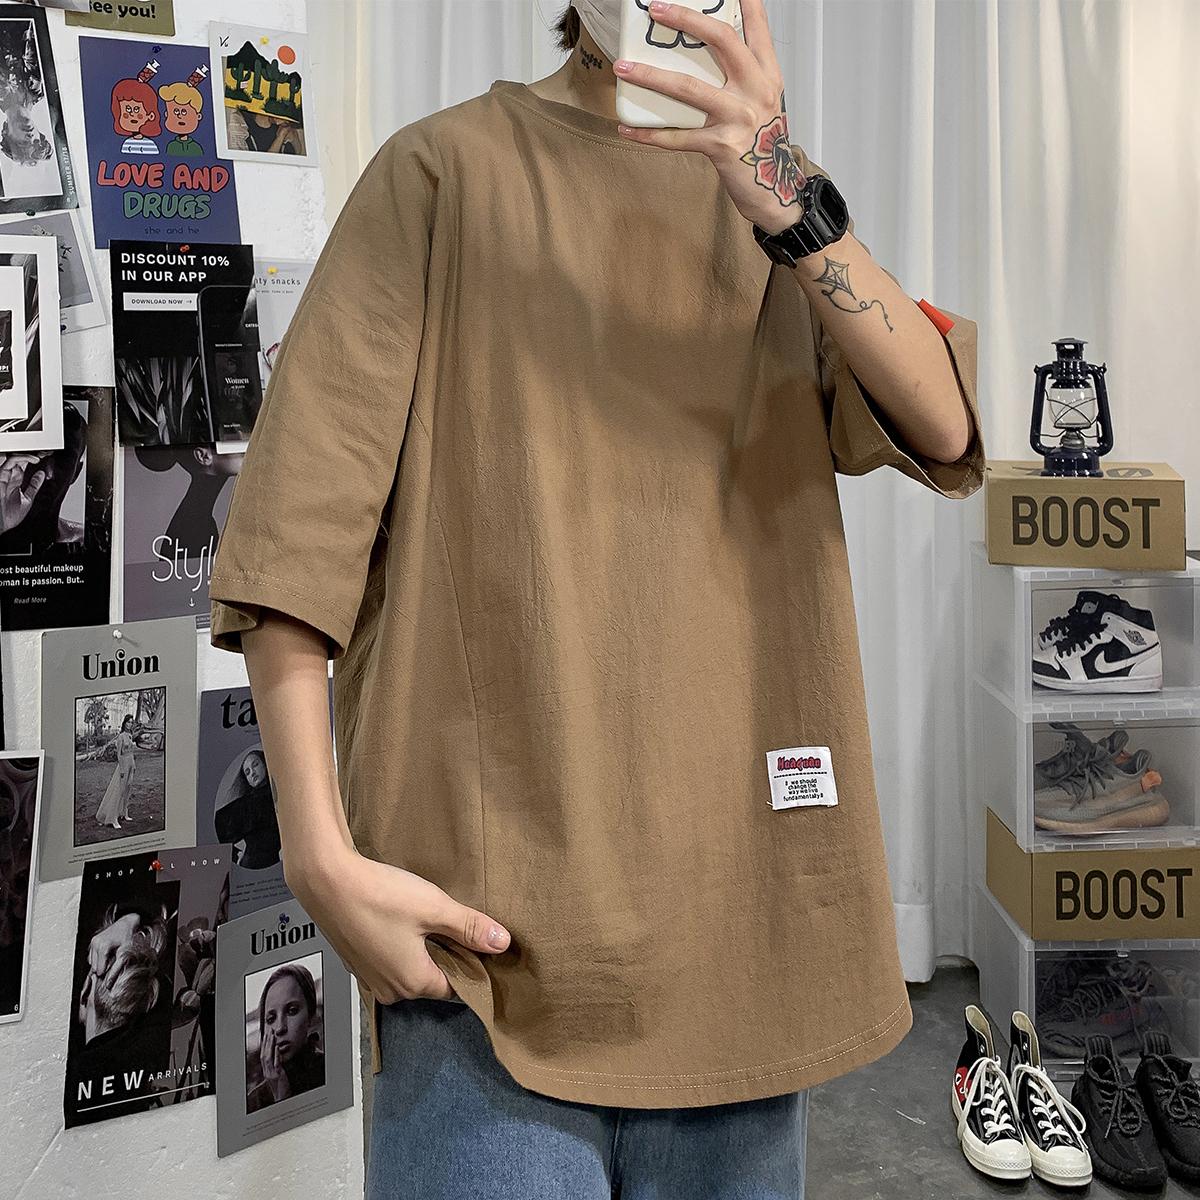 2020夏港风男欧美风T恤 纯色立体拼接棉麻短袖T恤 YM08/P30 大货